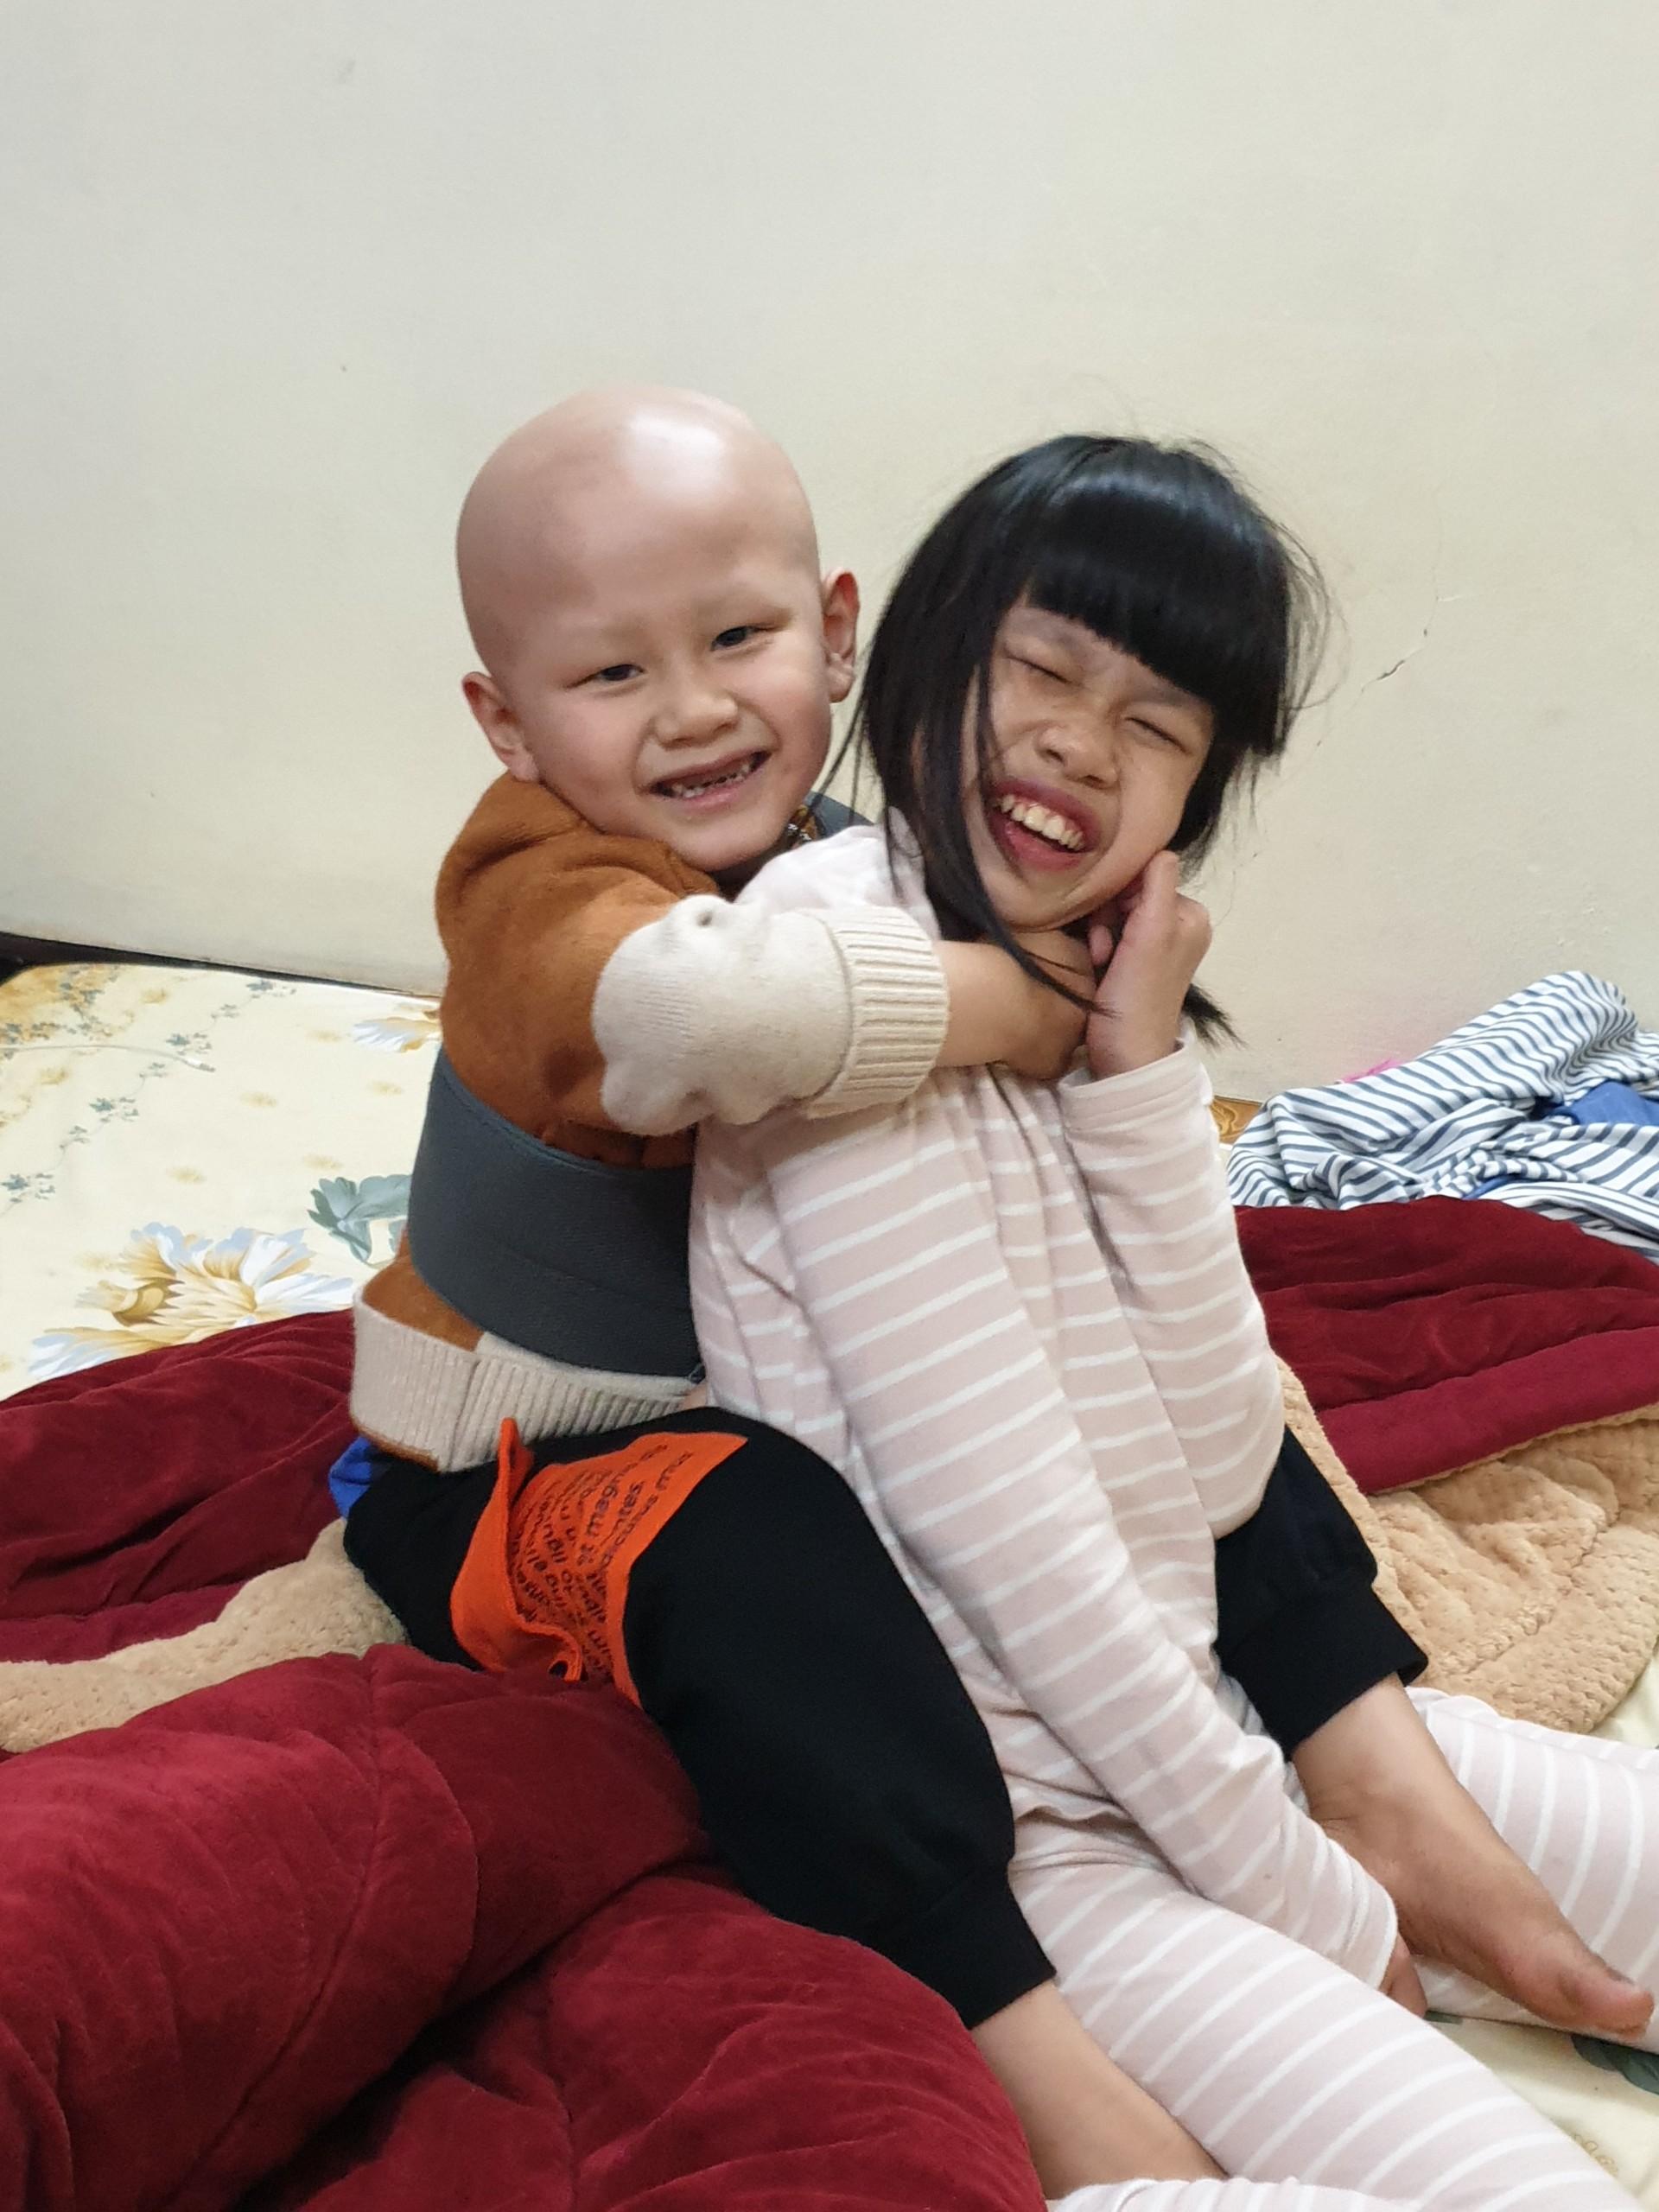 Lời khẩn cầu của người mẹ có con trai bị ung thư, con gái bị bệnh tim cần tiền điều trị - Ảnh 3.